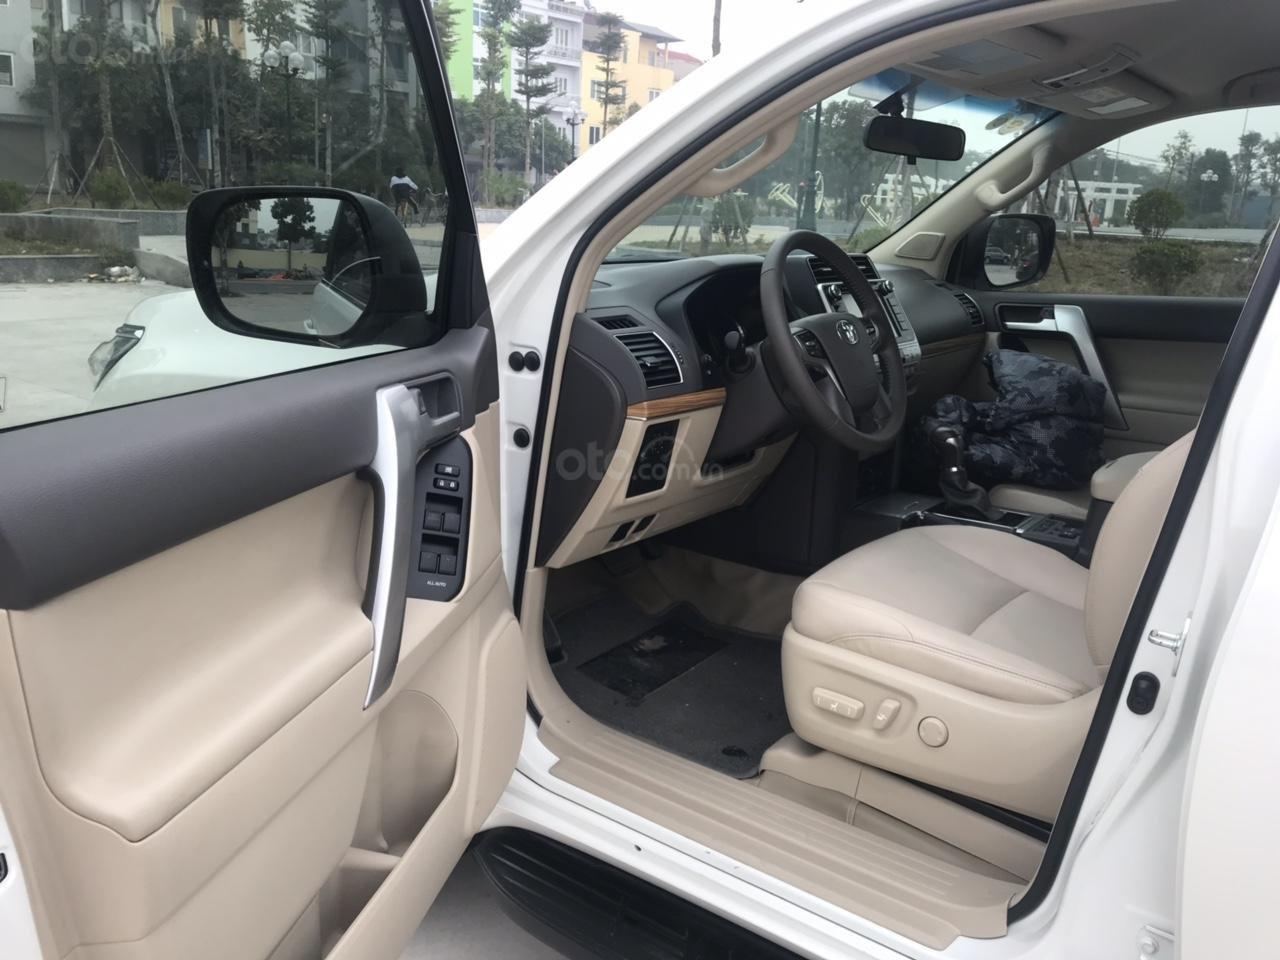 Cần bán xe Toyota Prado đời 2018, màu trắng, xe siêu lướt thơm mùi mới - Liên hệ: 094-711-6996 Mr Thanh-8